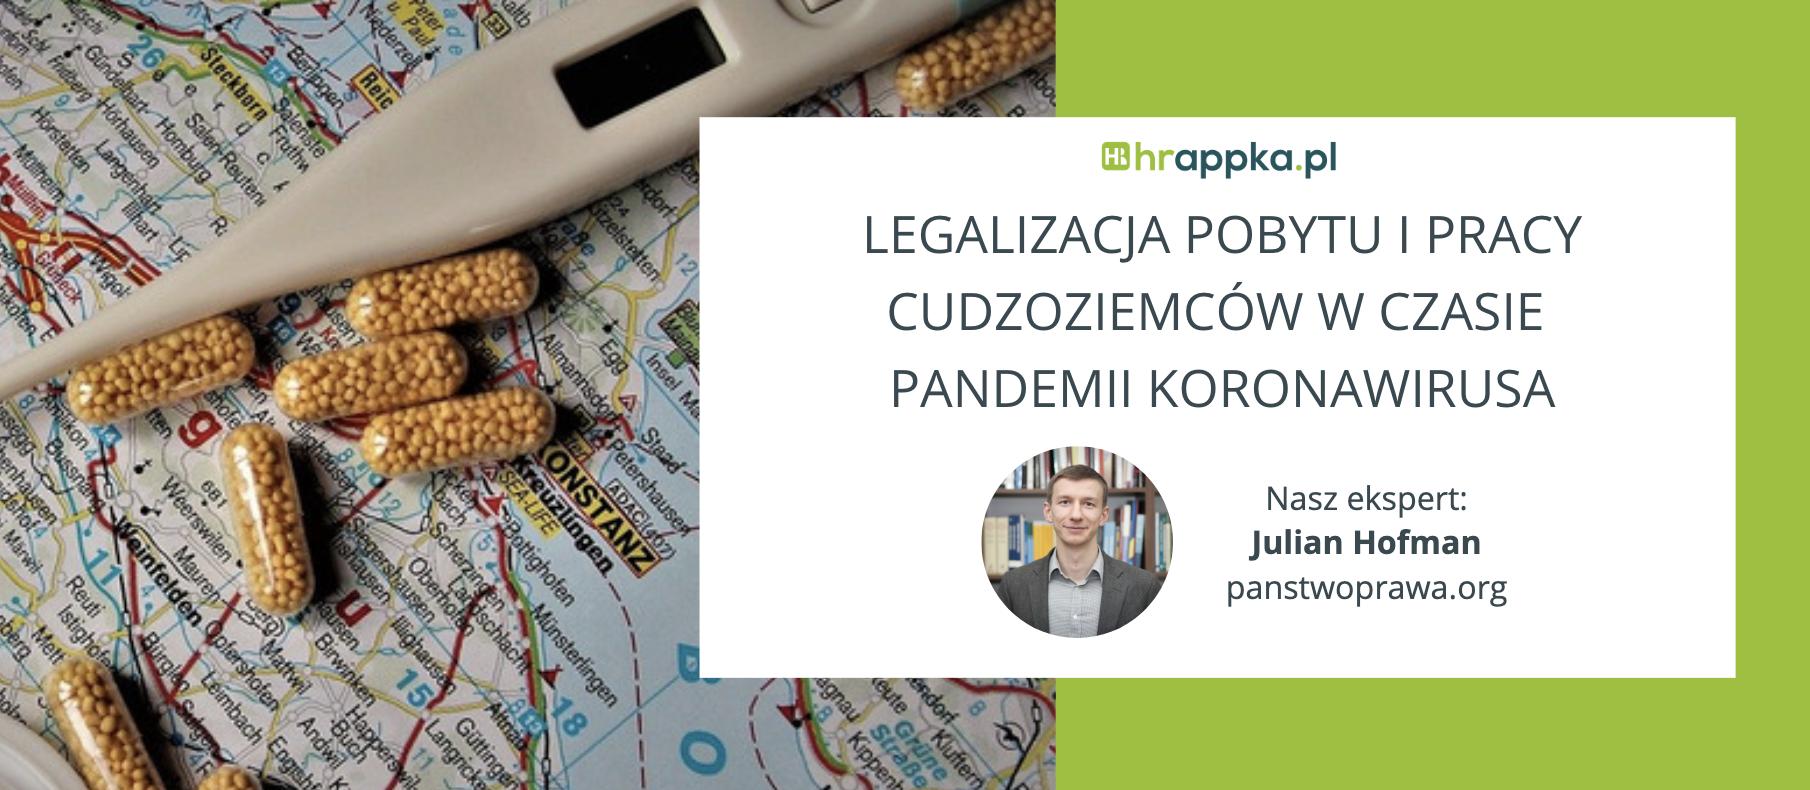 legalizacja-cudzoziemcow-epidemia-koronawirusa